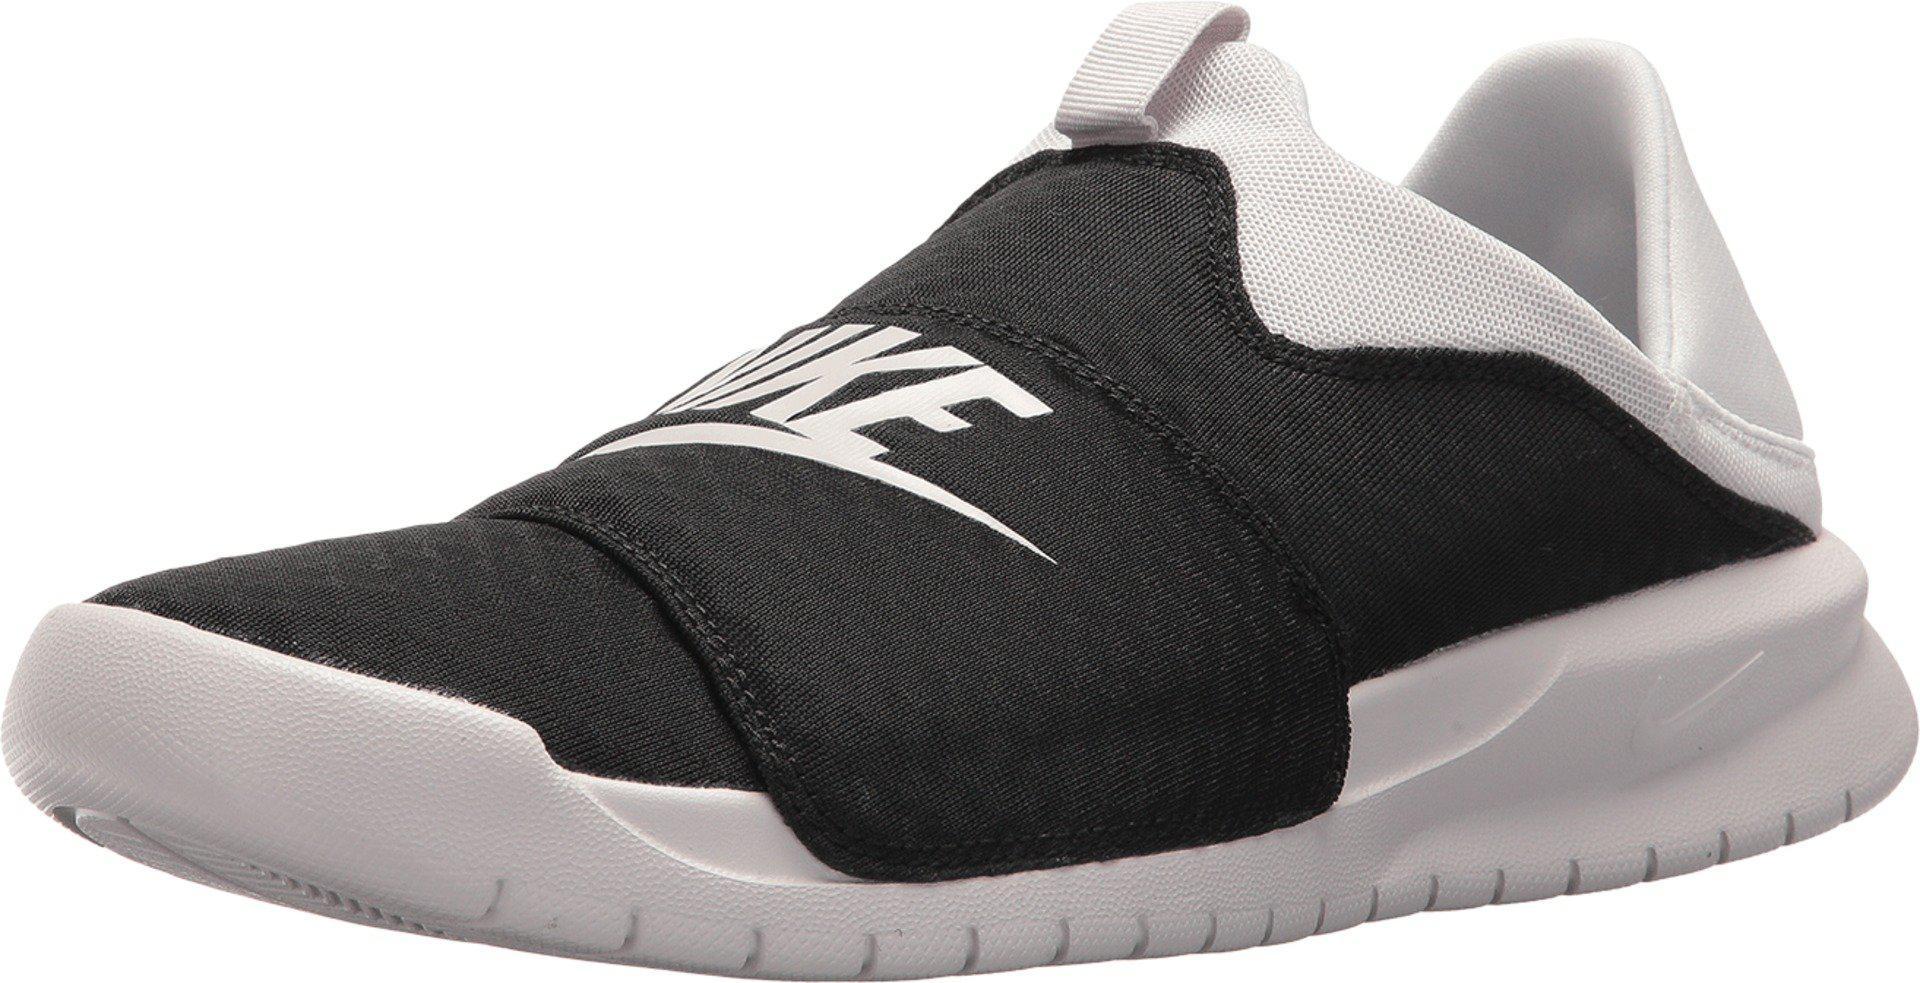 Lyst - Nike Benassi Slip-on in Gray for Men 9eaf22423